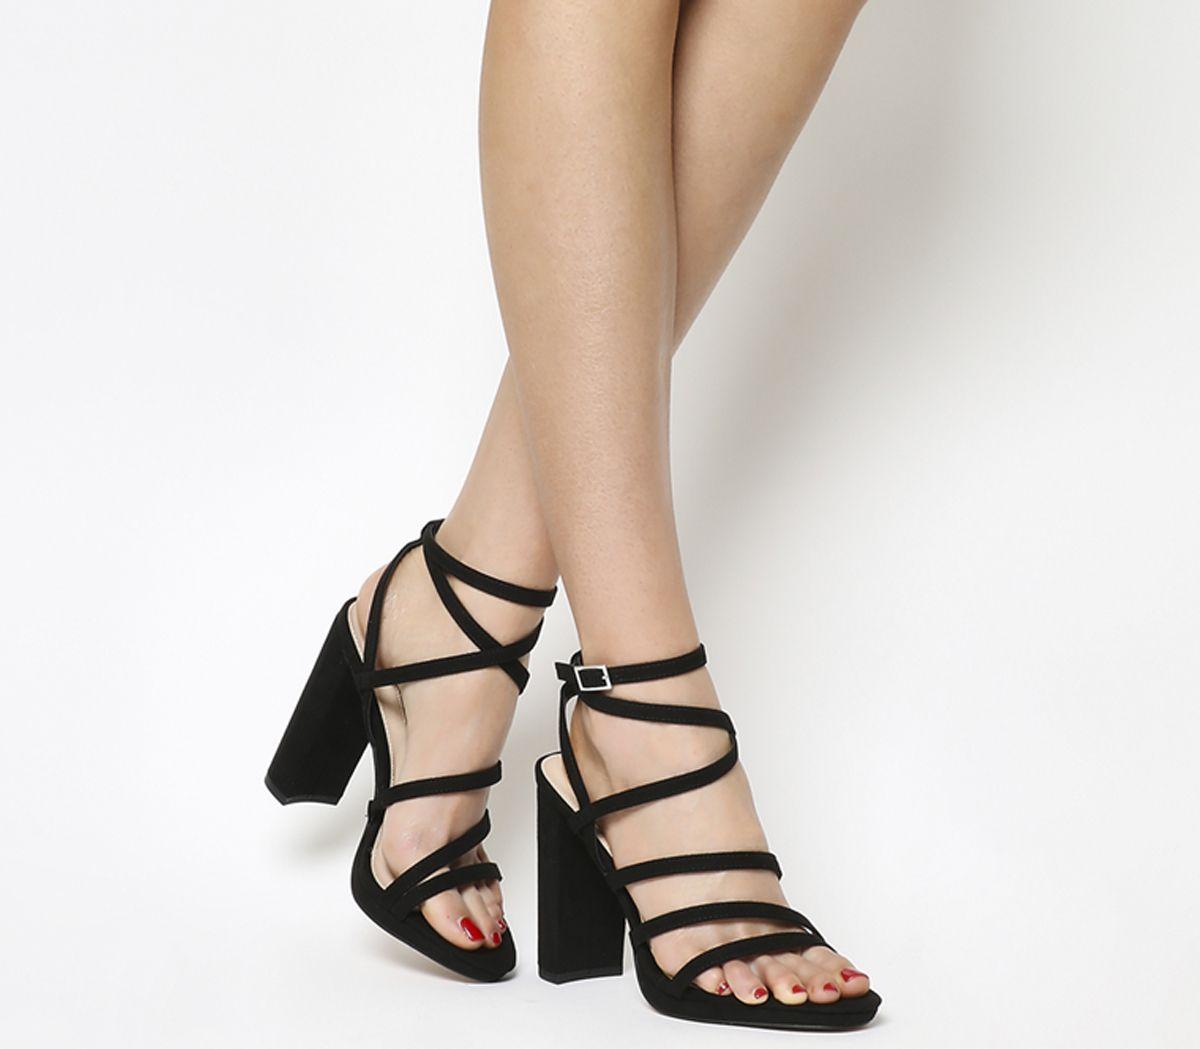 640a75bd3d6 Office Harris New Platform Block Heels Black - High Heels